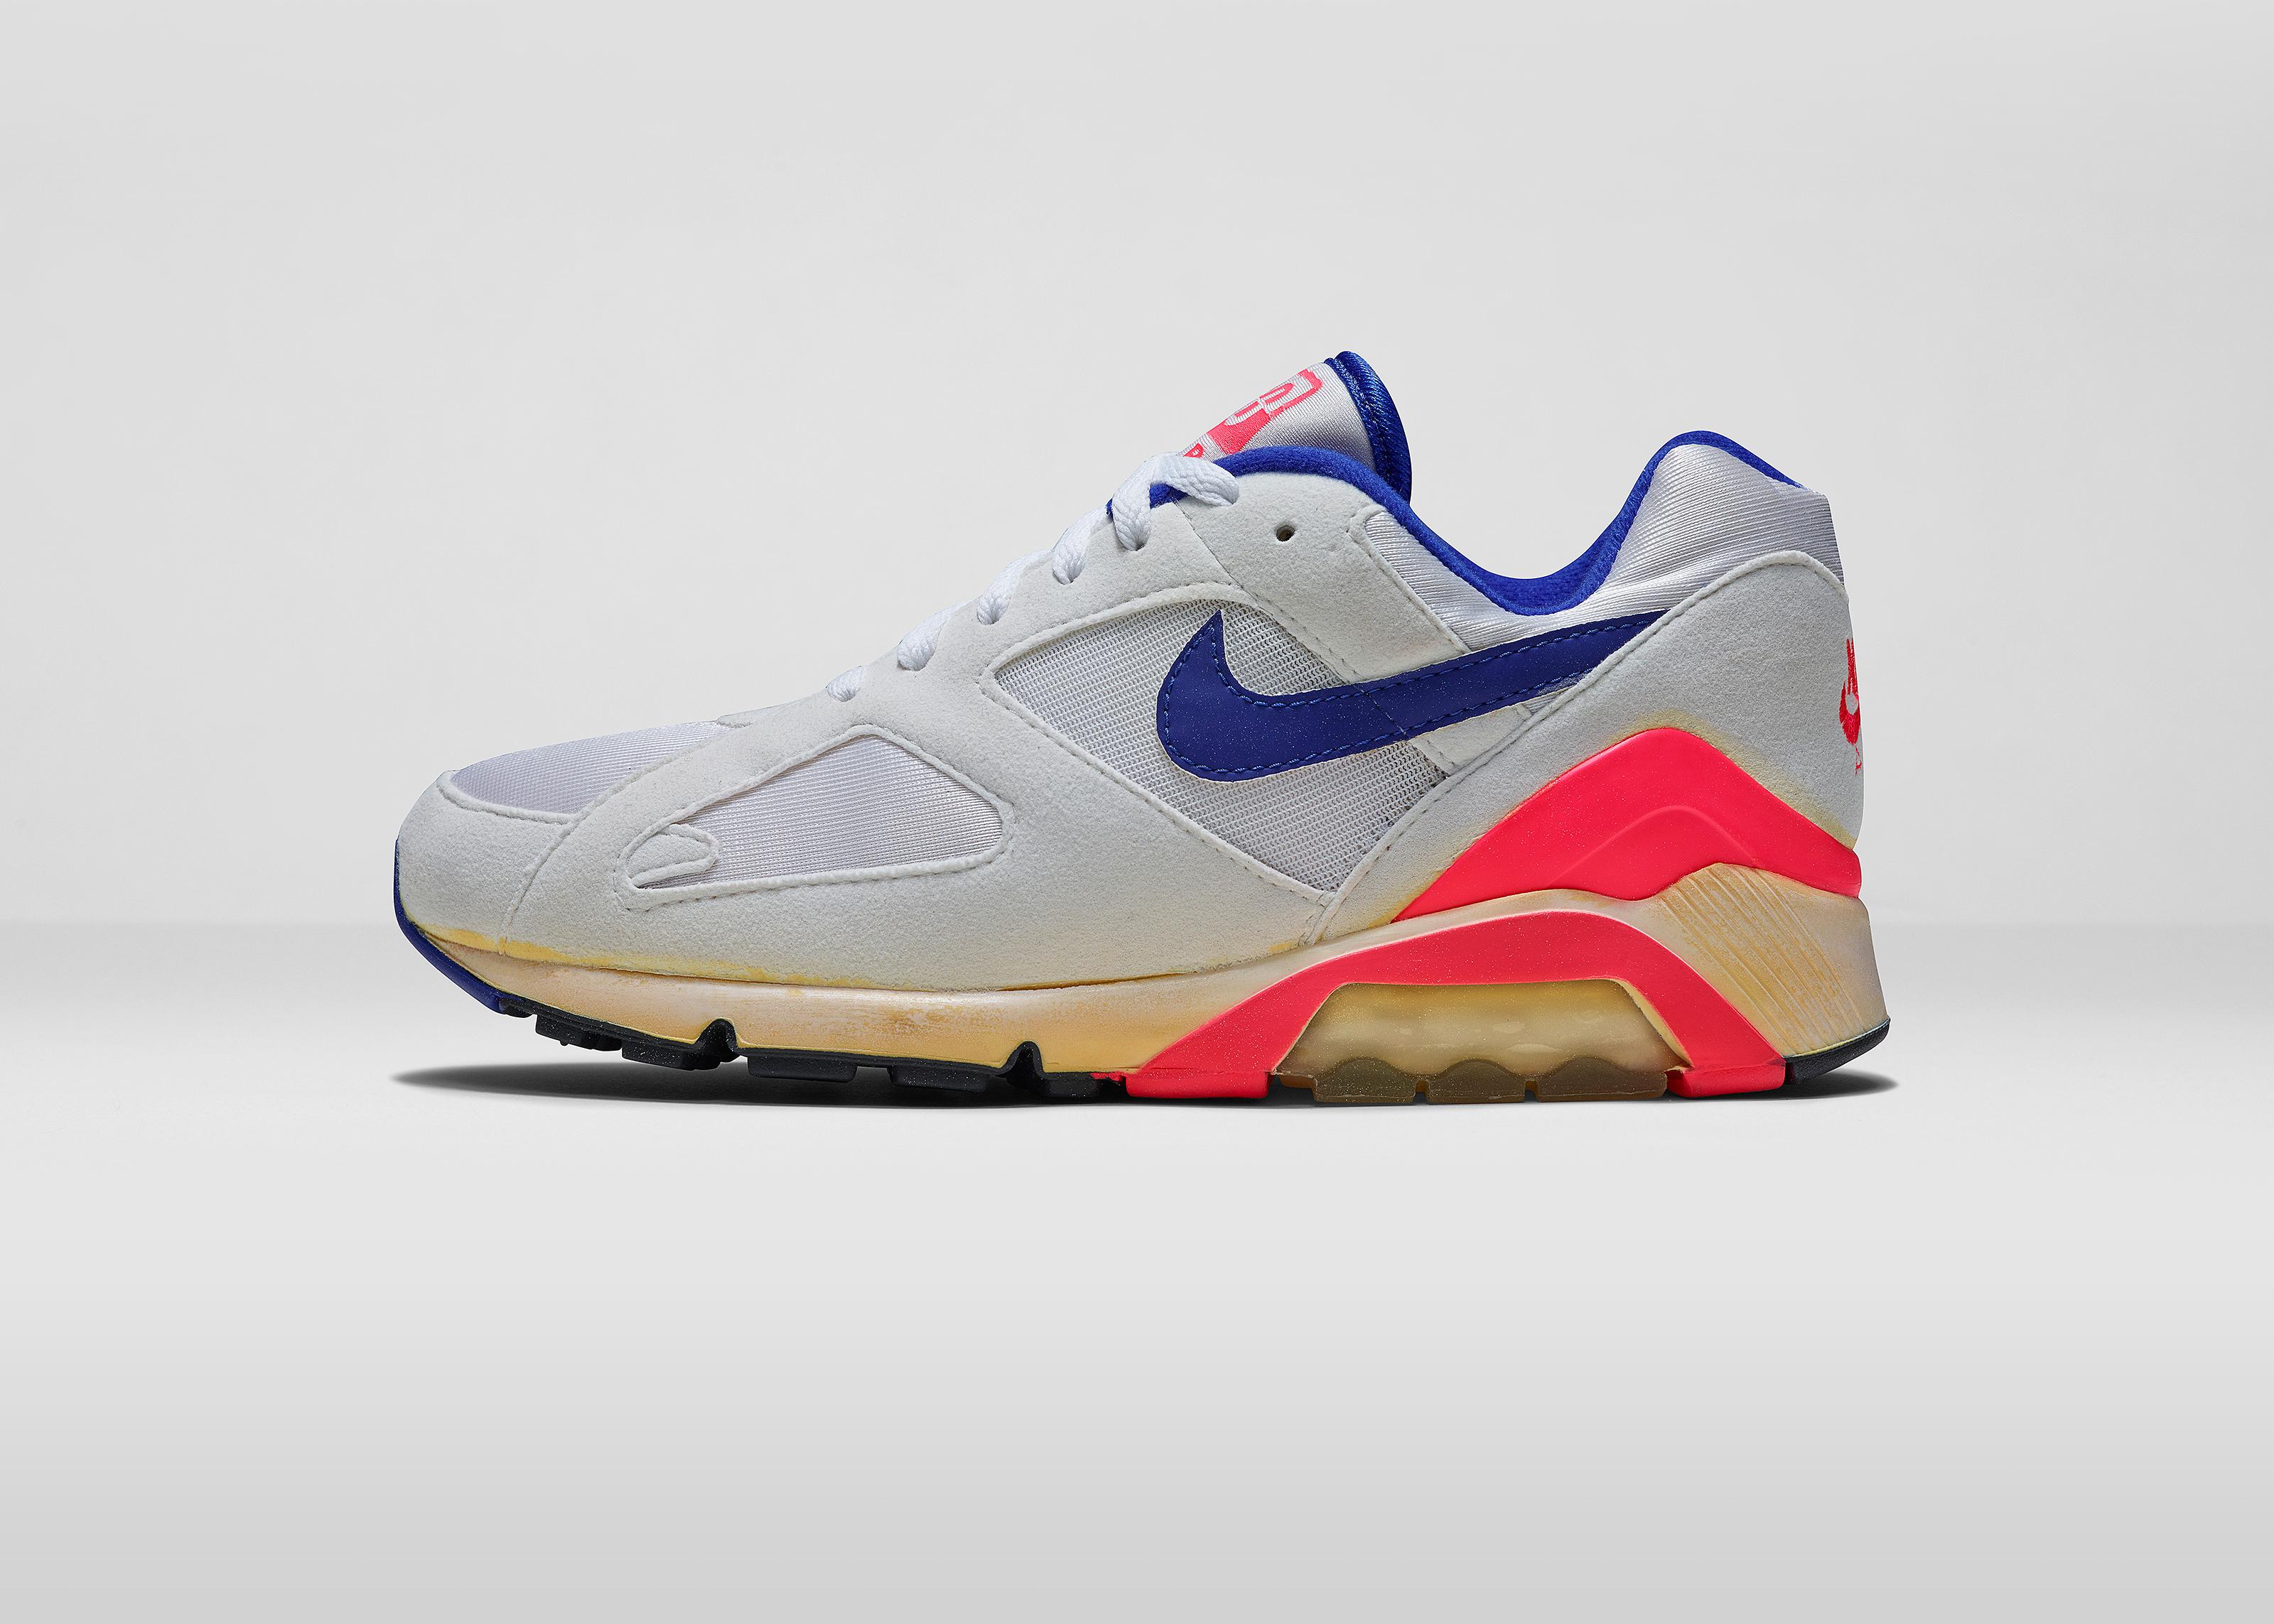 1991 Nike Air Max 180 Femmes